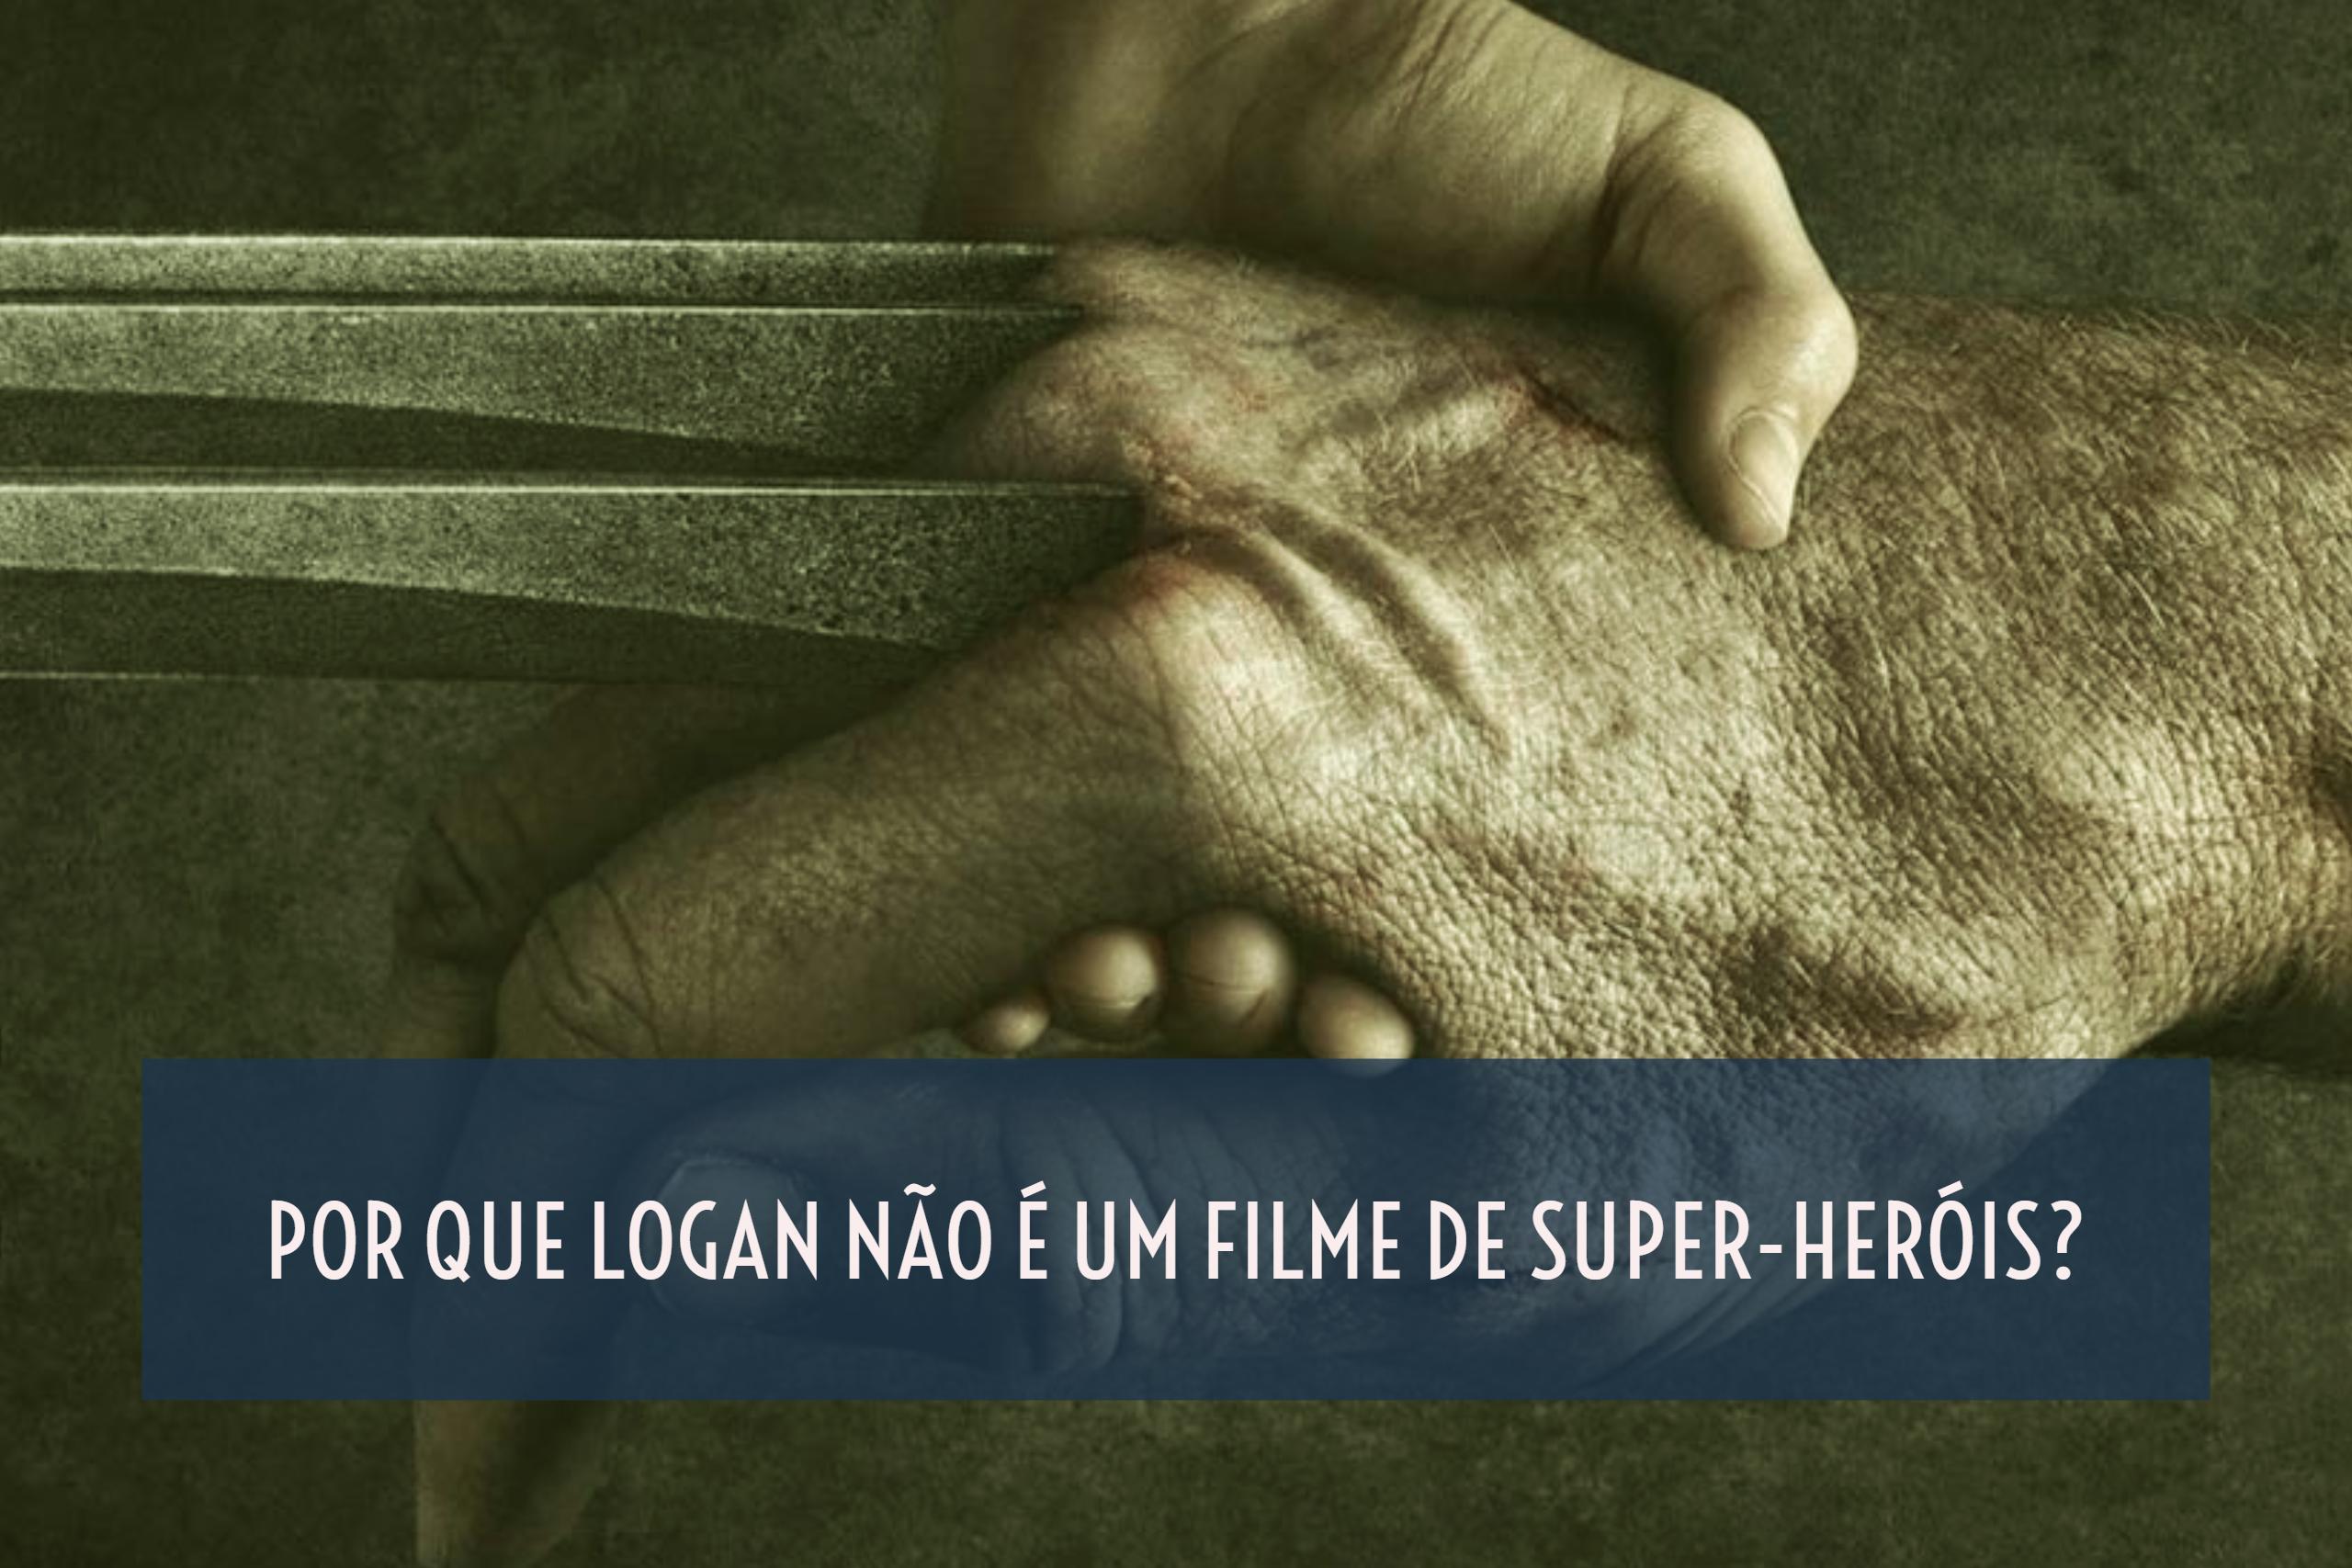 Por que Logan não é um filme de super-heróis?